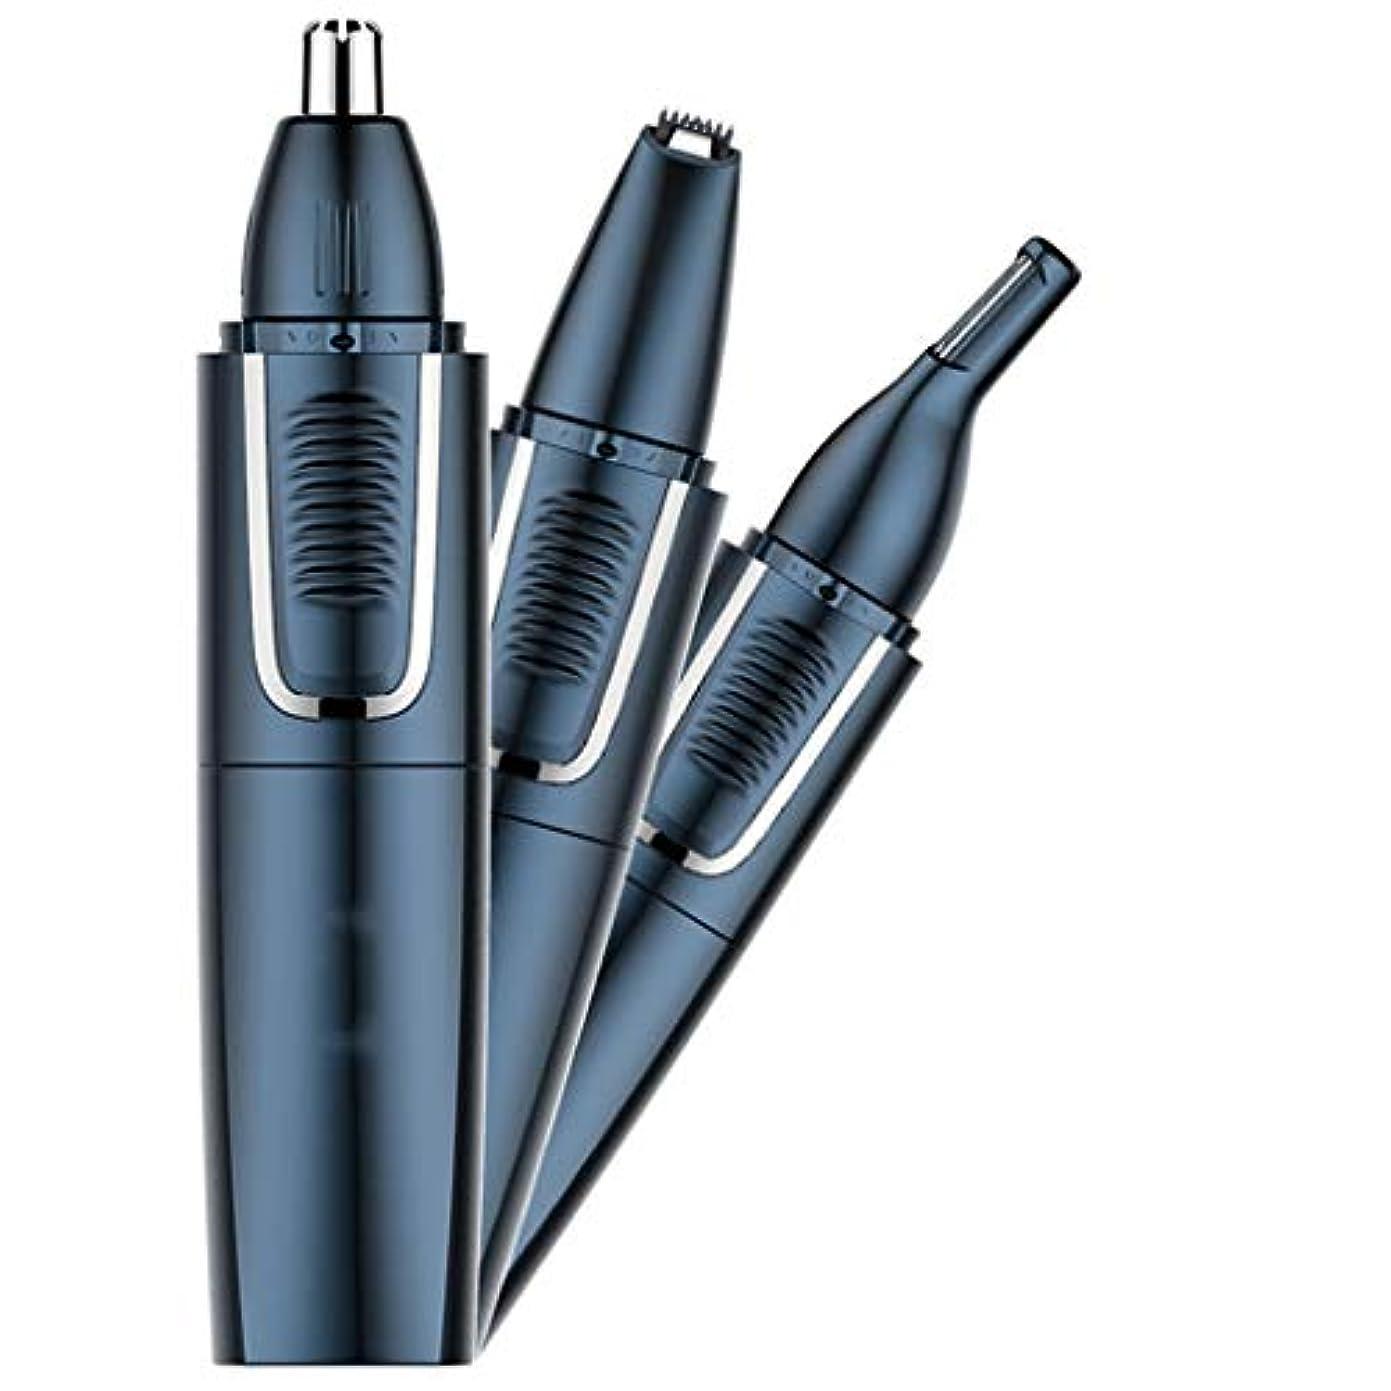 一元化する確率評論家多機能シェーバー、男性用電気鼻毛、女性用充電式眉毛シェーピングナイフ、あらゆる肌タイプに適しています